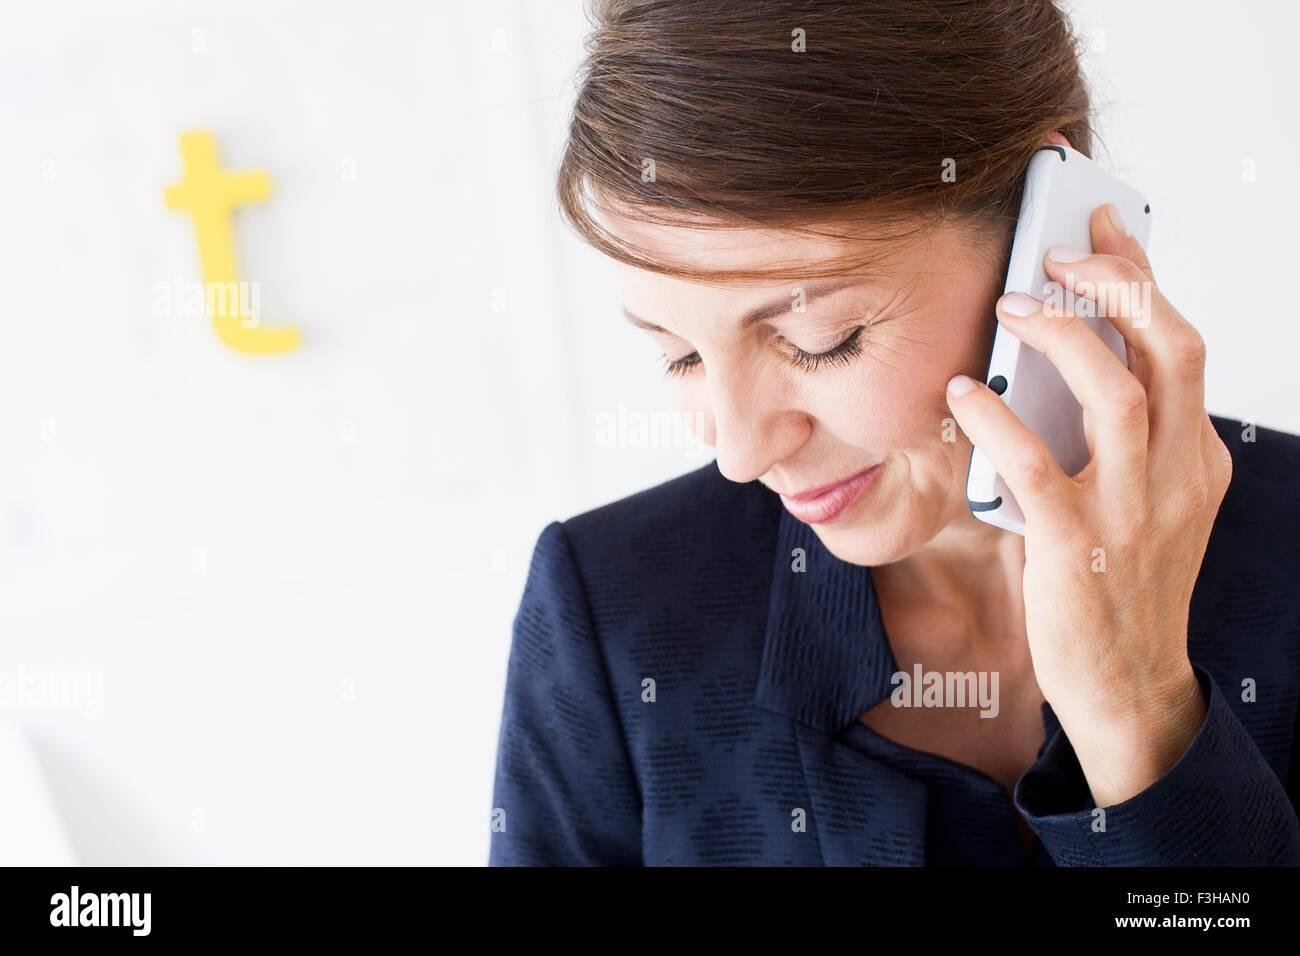 Kopf und Schultern von Reife Frau mit Smartphone, blickte lächelnd Stockbild